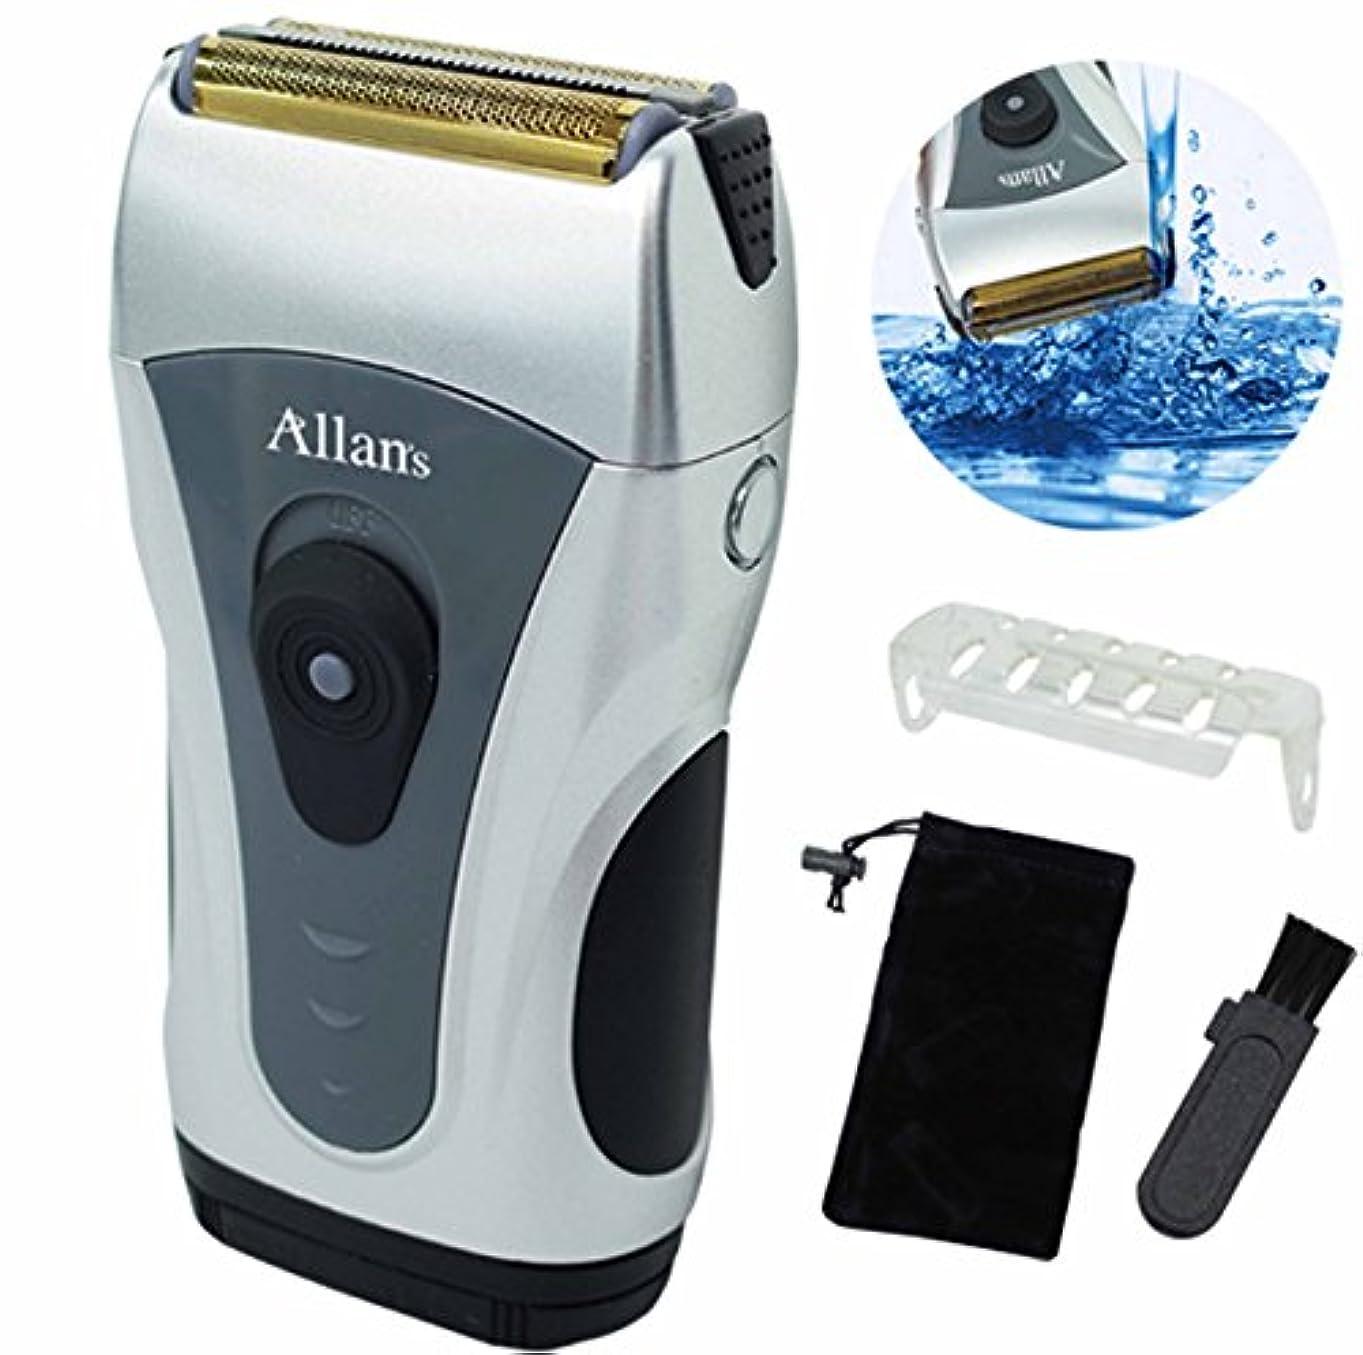 郵便屋さん砲撃将来のAllans 携帯 電池 式 電動 髭剃り 水洗い ウォッシャブル メンズ シェーバー コンパクト MEBM-29